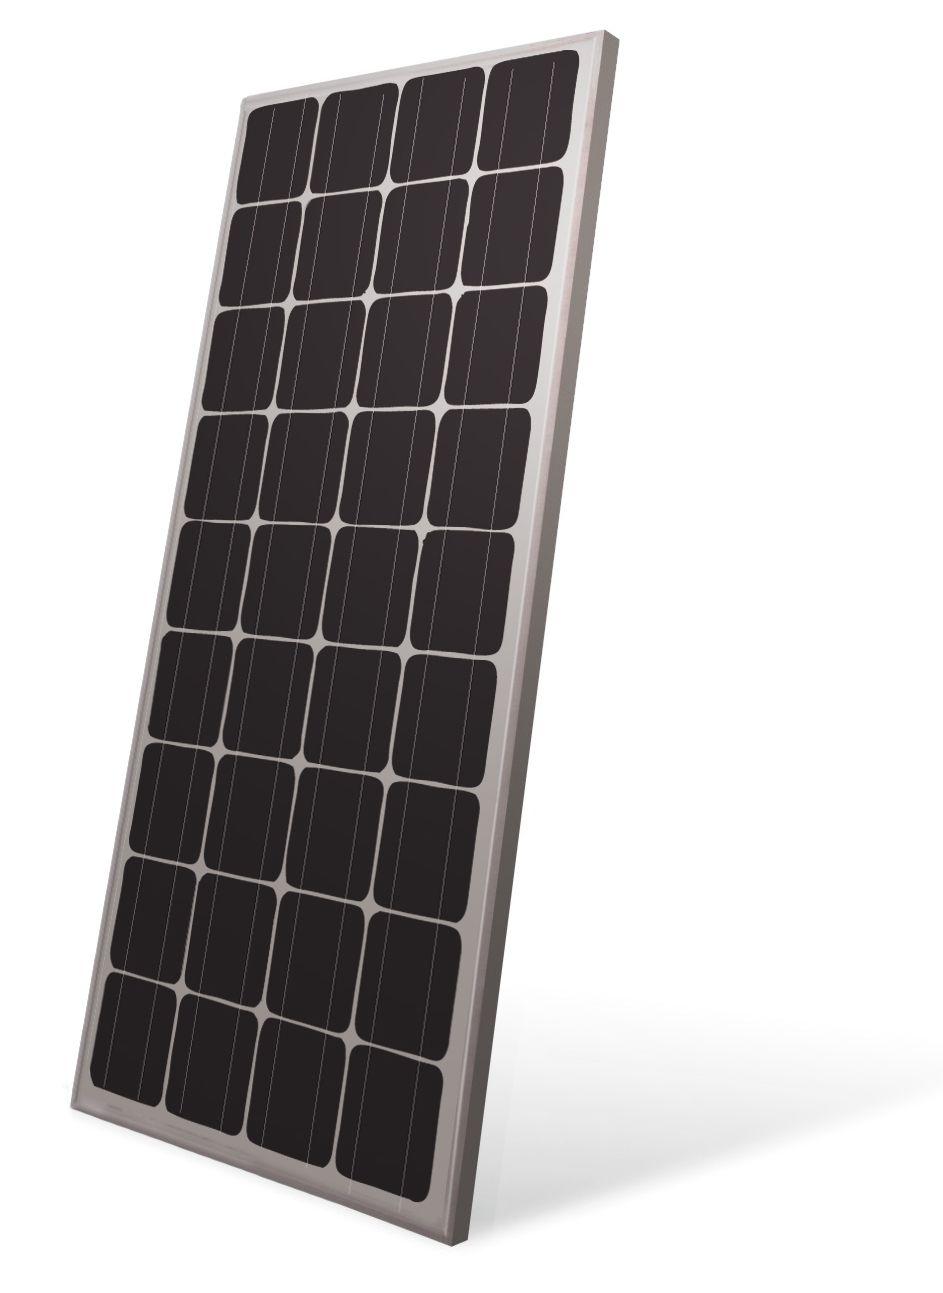 Фотоэлектрический солнечный модуль DELTA BST 150-12(поли-/монокристалл) 150Вт 12В